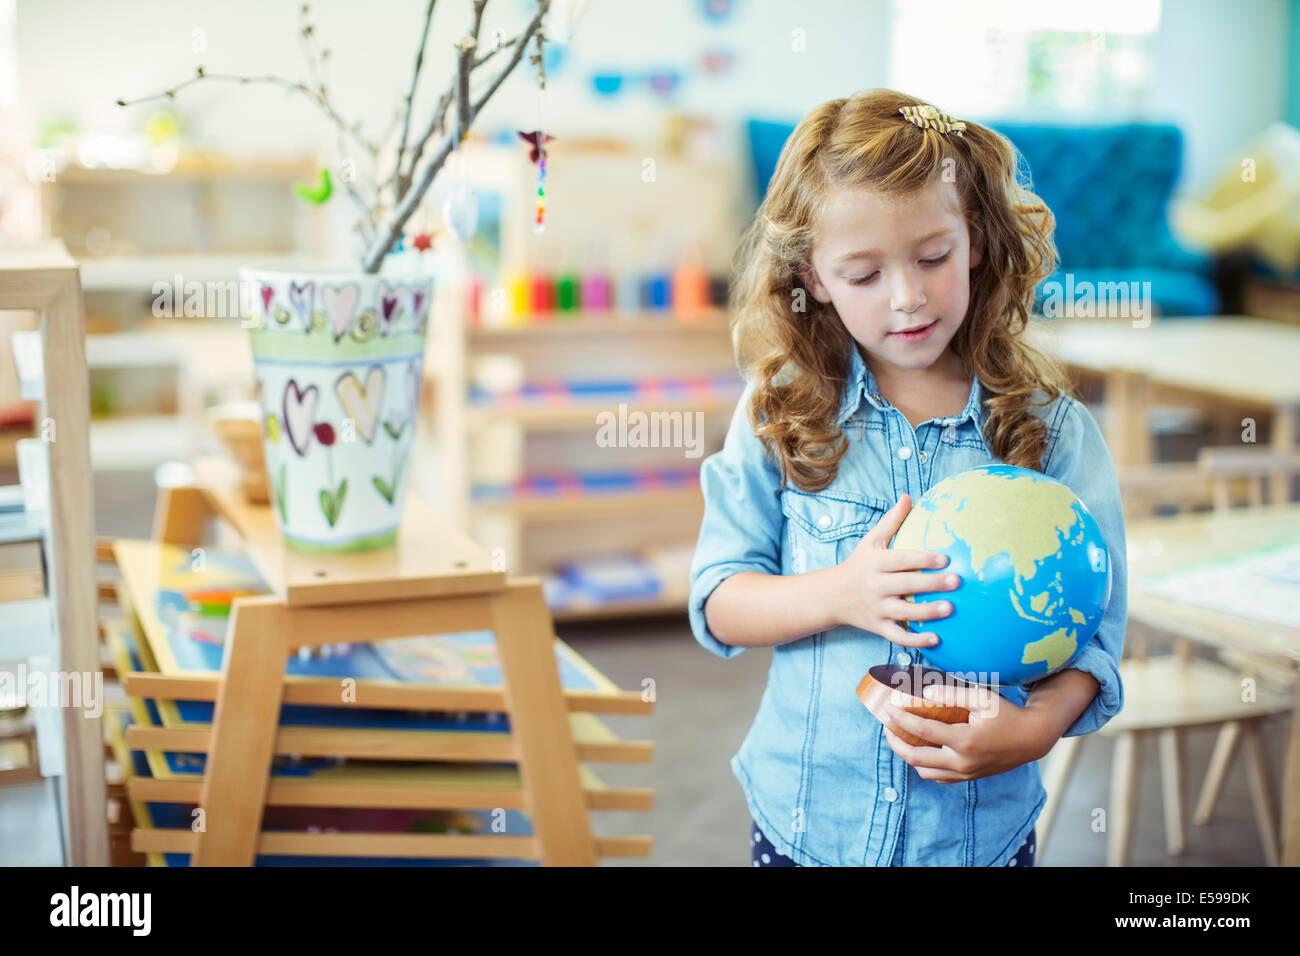 Schüler untersuchen Globus im Klassenzimmer Stockbild